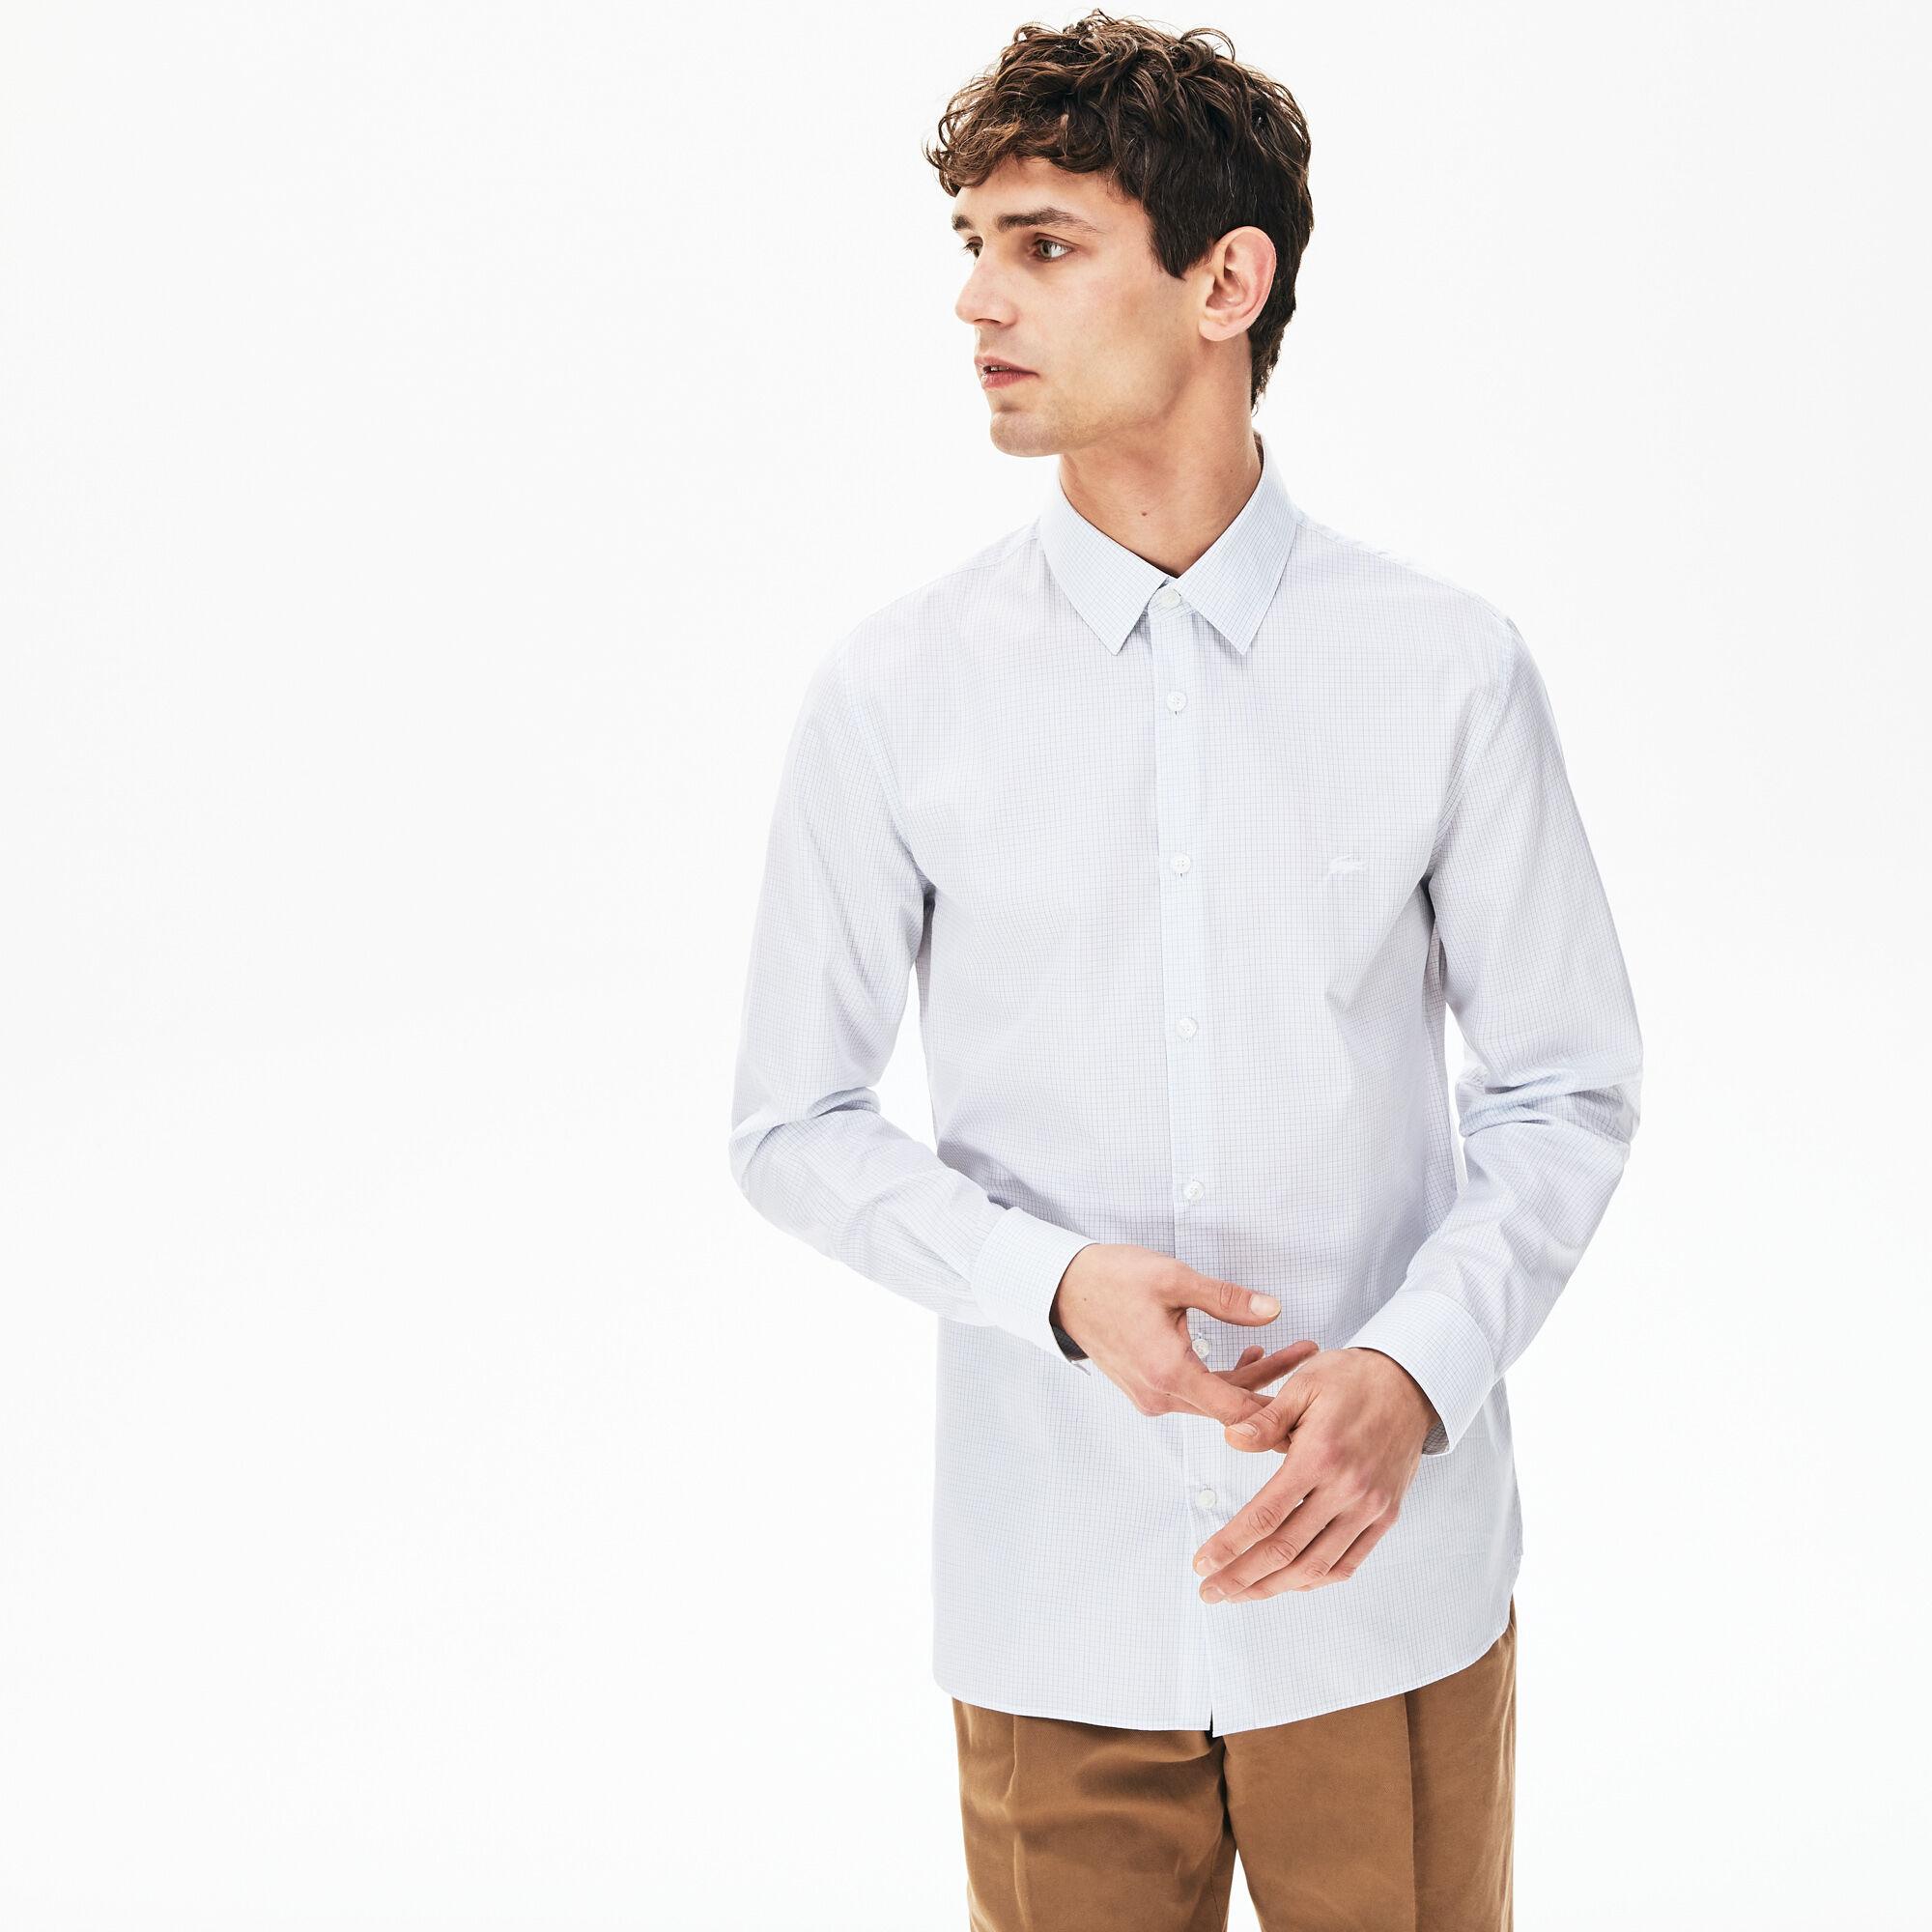 قميص قطني فاخر بنمط المربعات الصغيرة للرجال